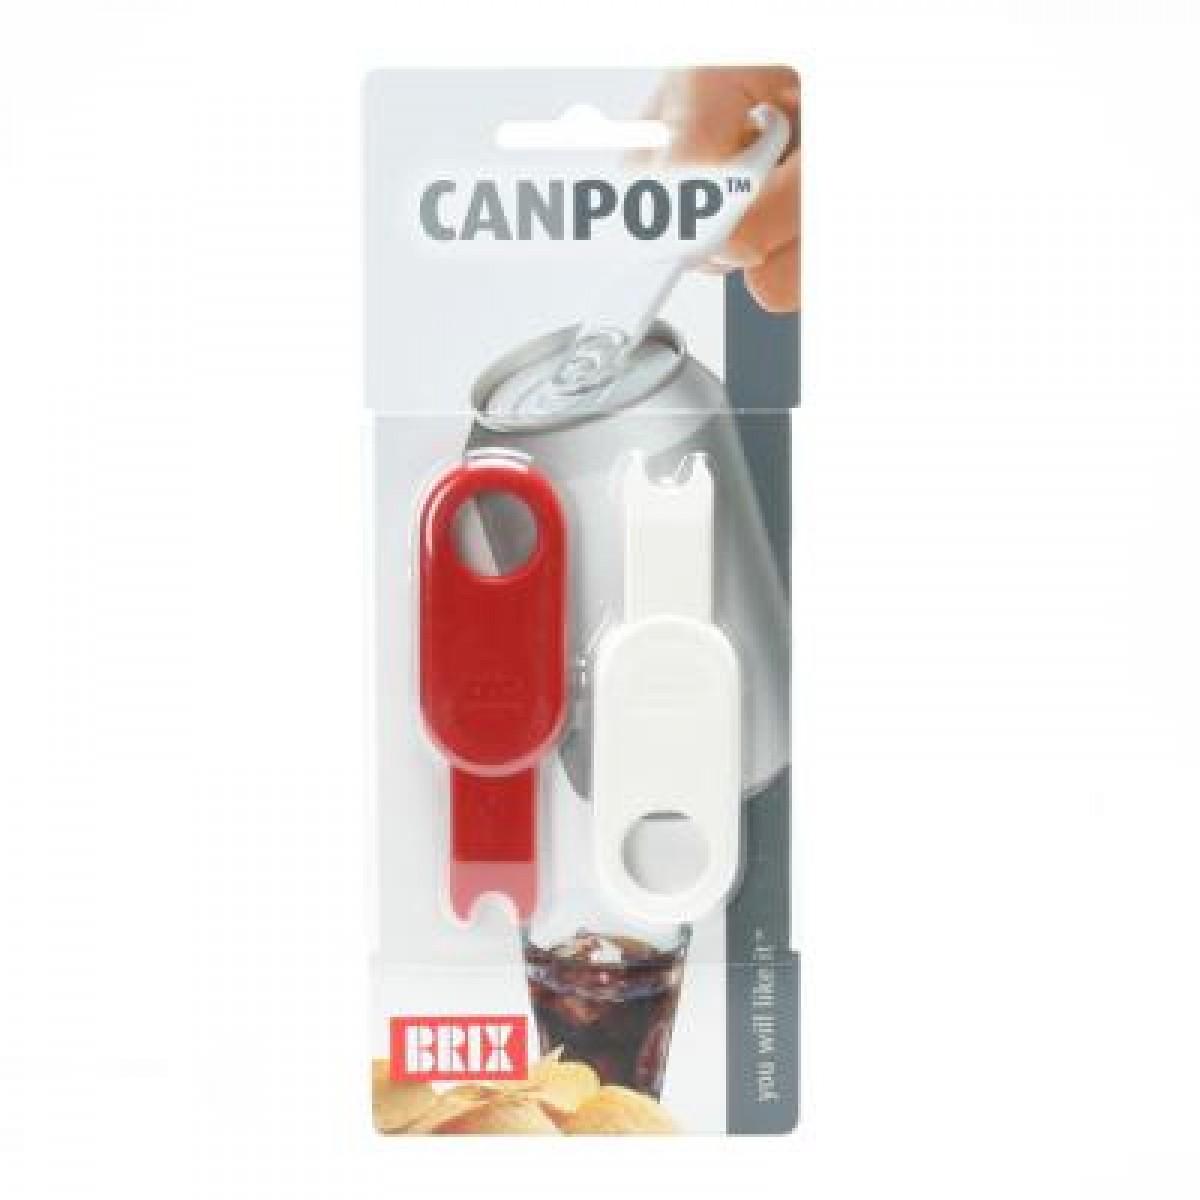 BRIX CanPop dåseåbner på kort 2 stk